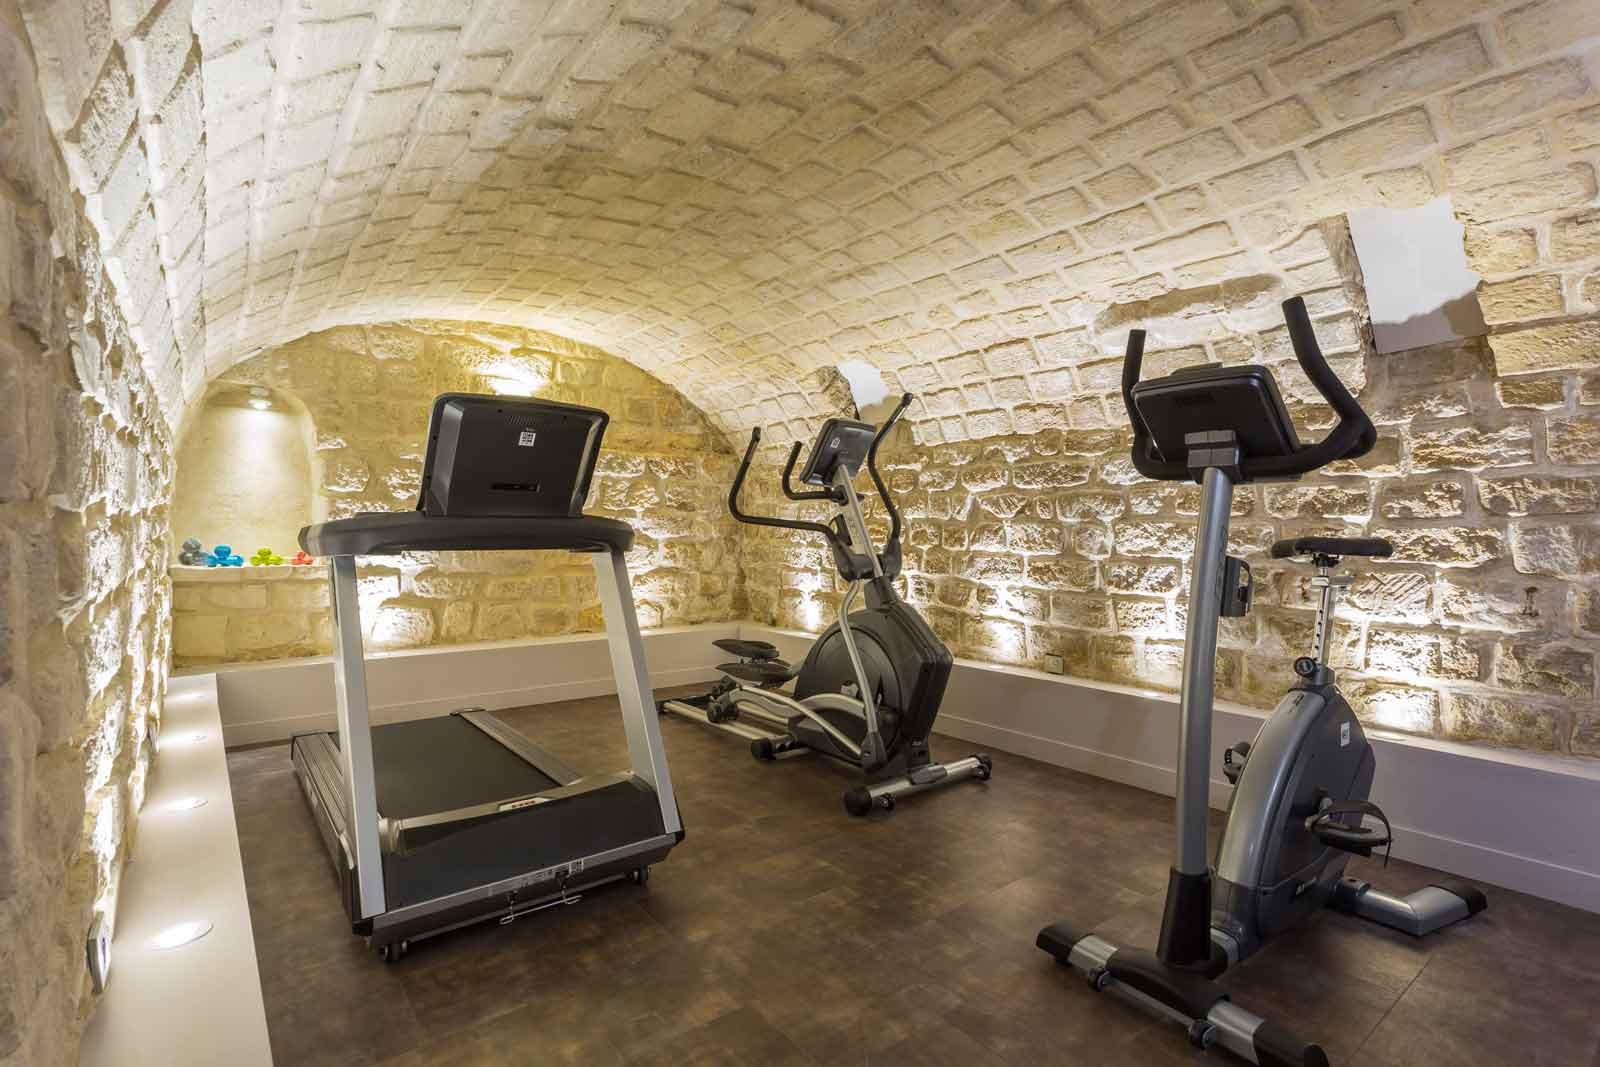 Fitnessraum hotel  Fitnessraum in einem Hotel inmitten von Paris 17 | Jardin de Villiers